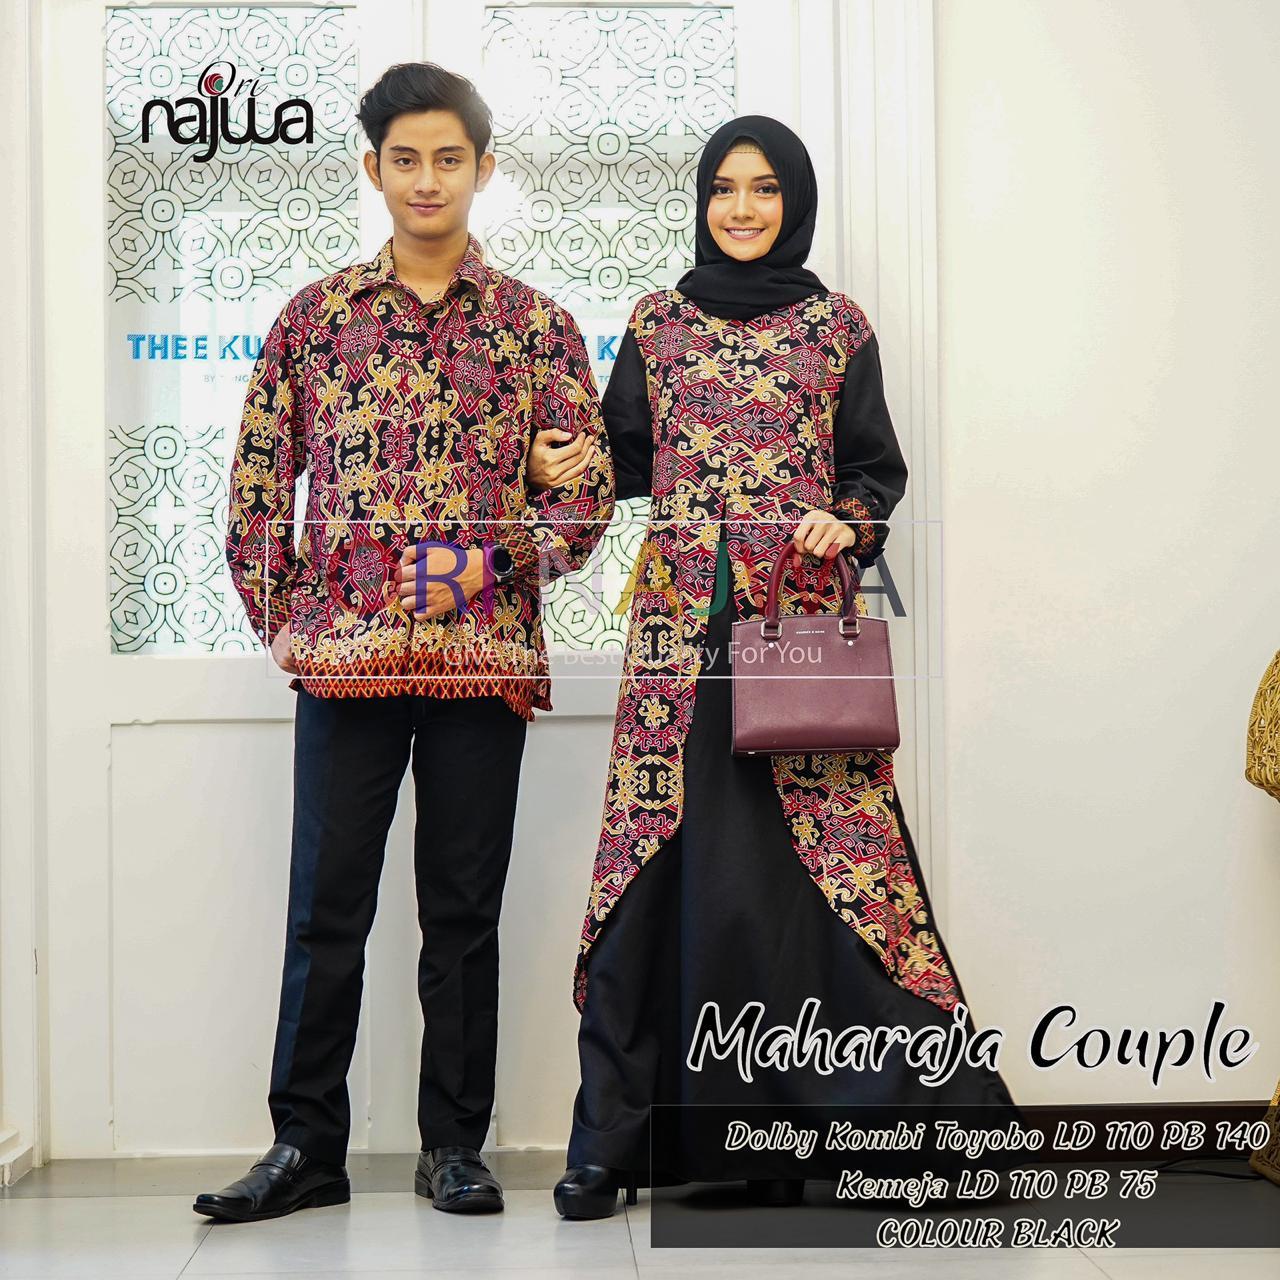 Dress Maharaja Couple Dolby Toyobo Model Gamis Terbaru 2020 Untuk Remaja Model Baju Dress Panjang Elegan Dress Baju Muslim Wanita Terbaru Sketsa Baju Muslim Baju Muslim Dewasa Model Terbaru Model Baju Lebaran 2020 Baju Lebaran 2020 Gamis